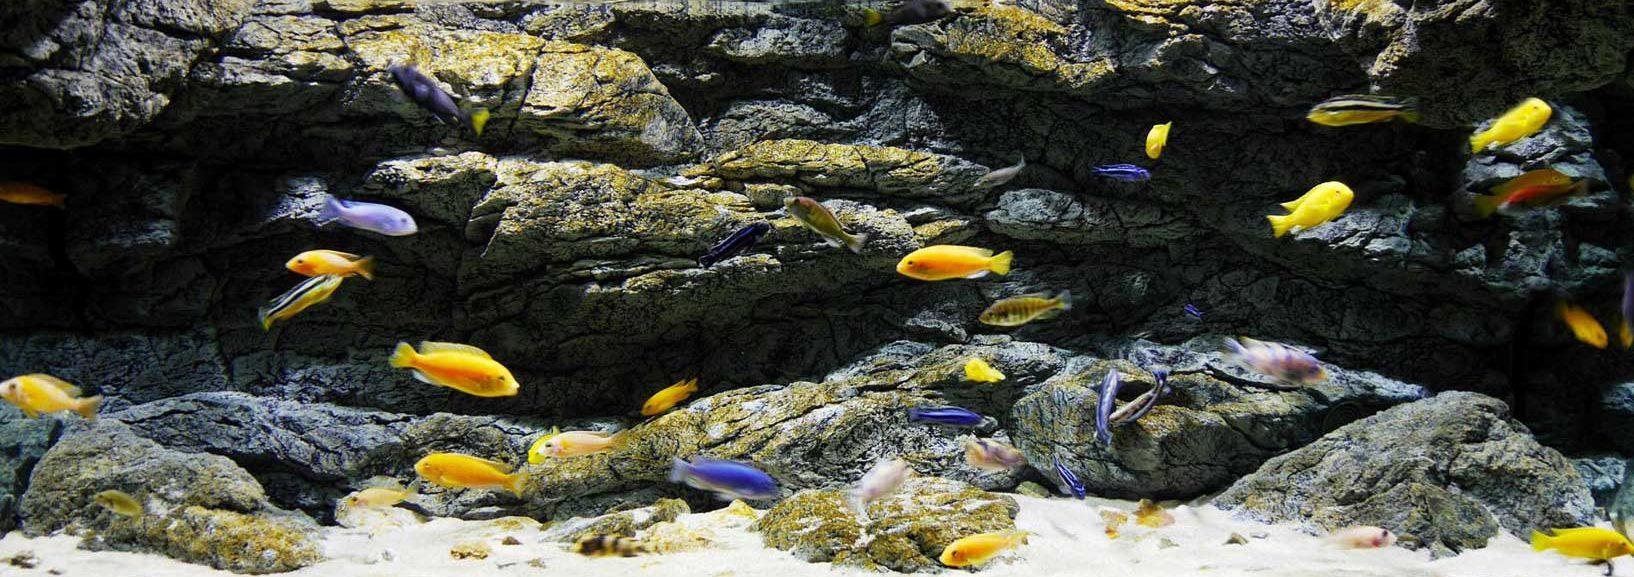 Alimar aquarium achterwand van cichliden